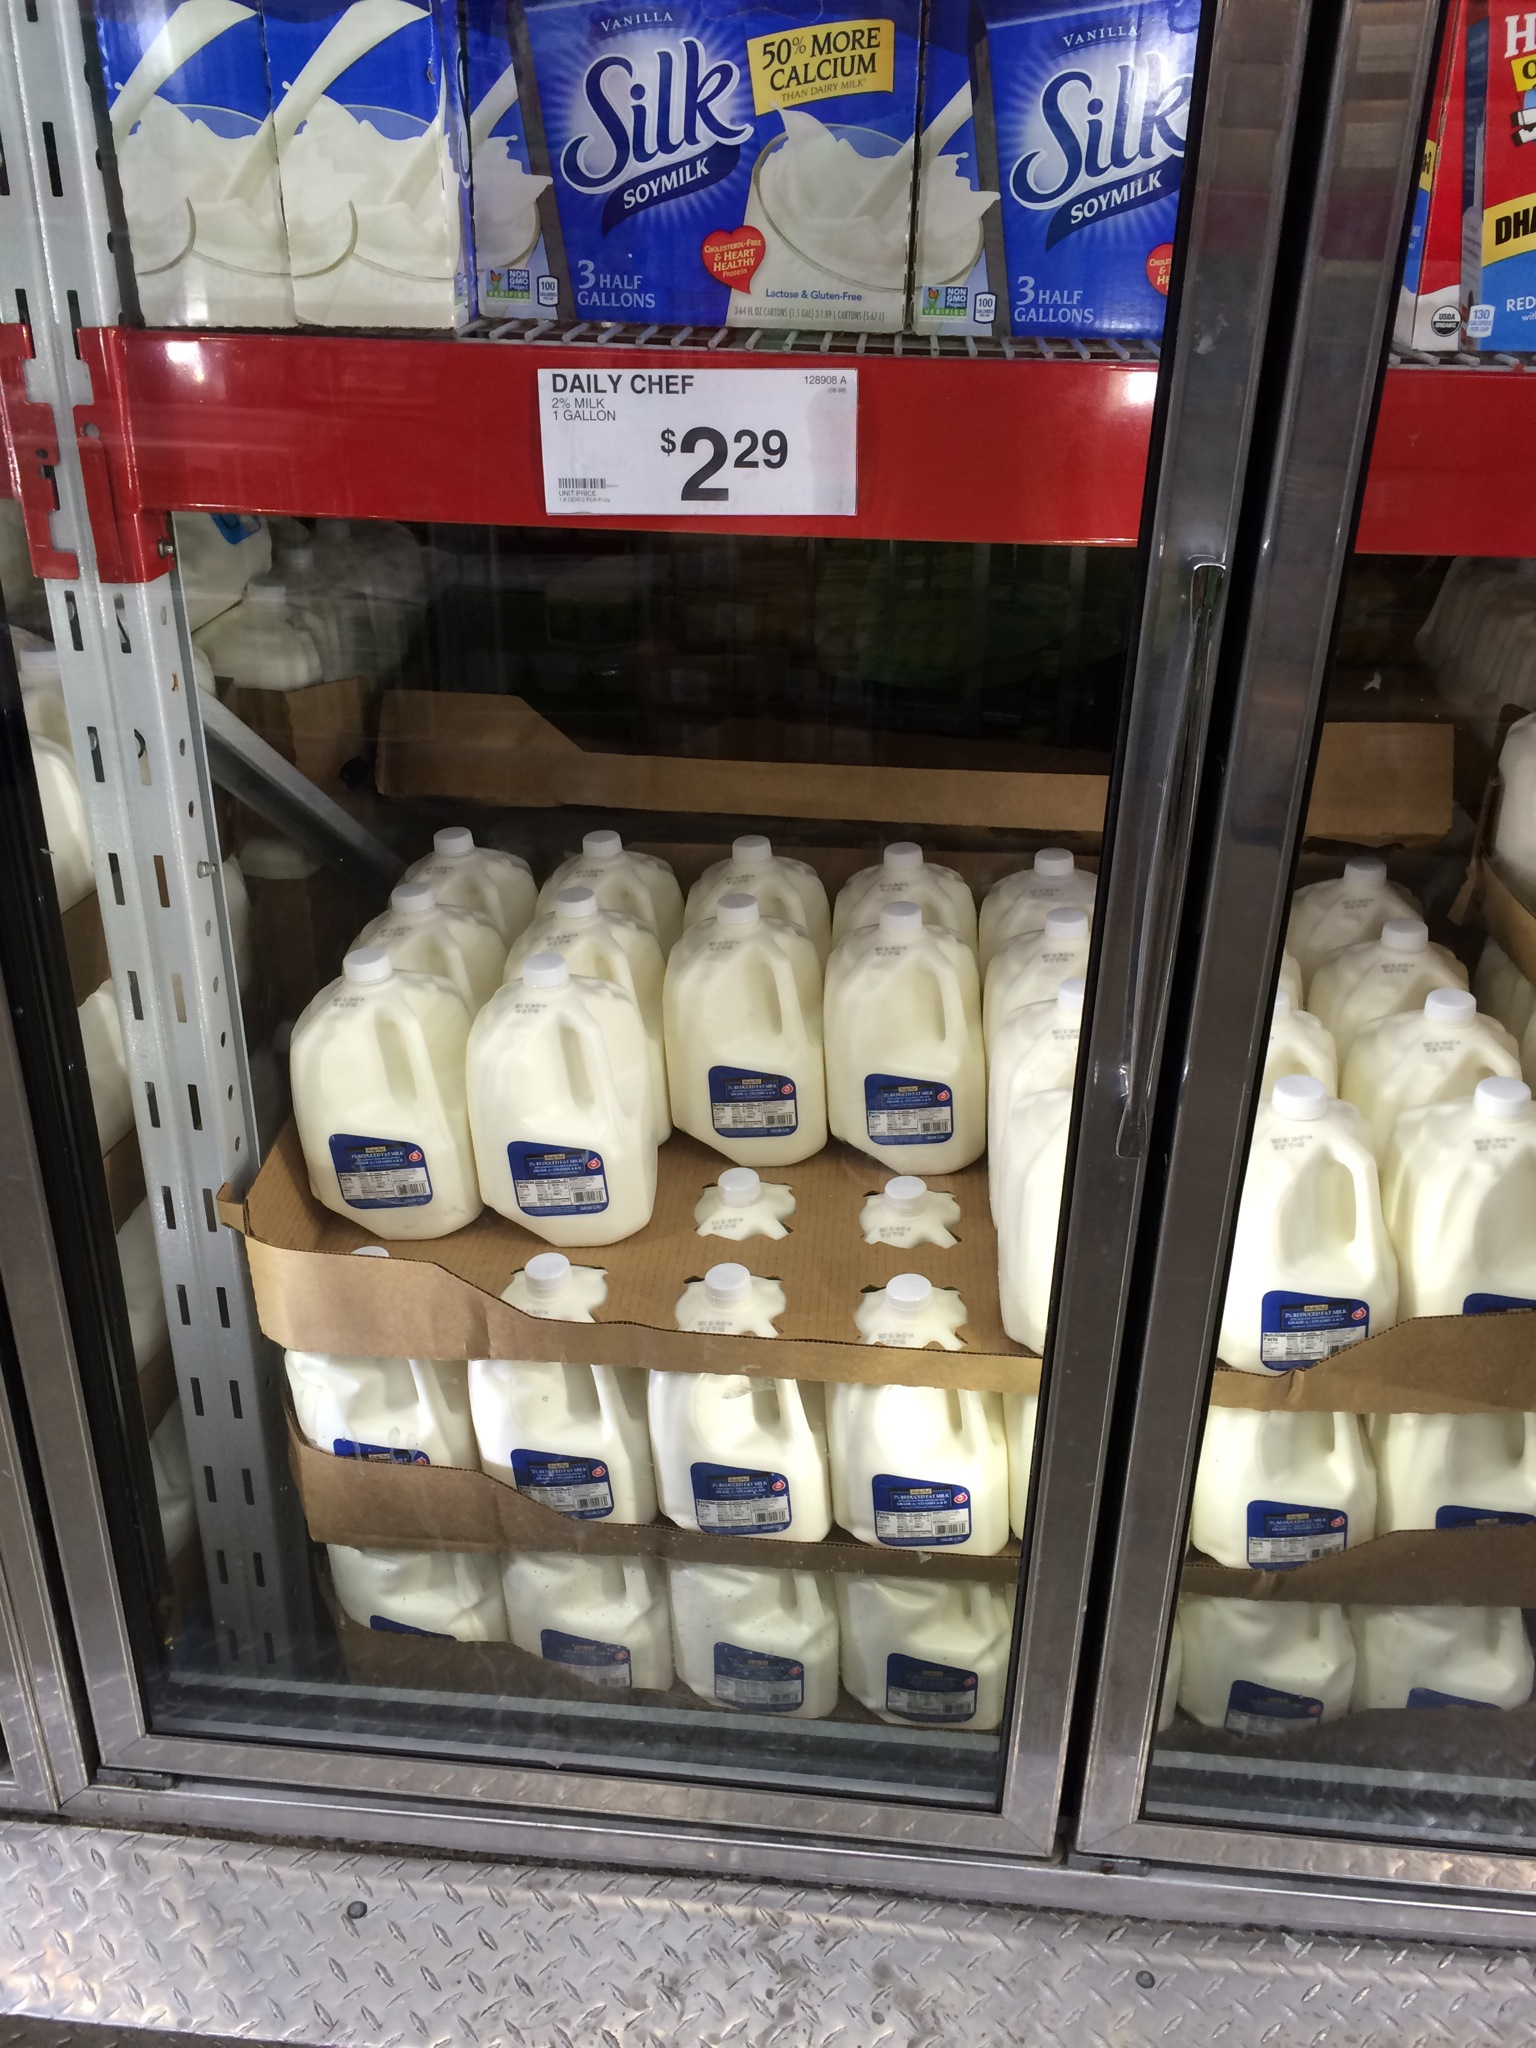 sam s club vs costco prices costco milk 2 69